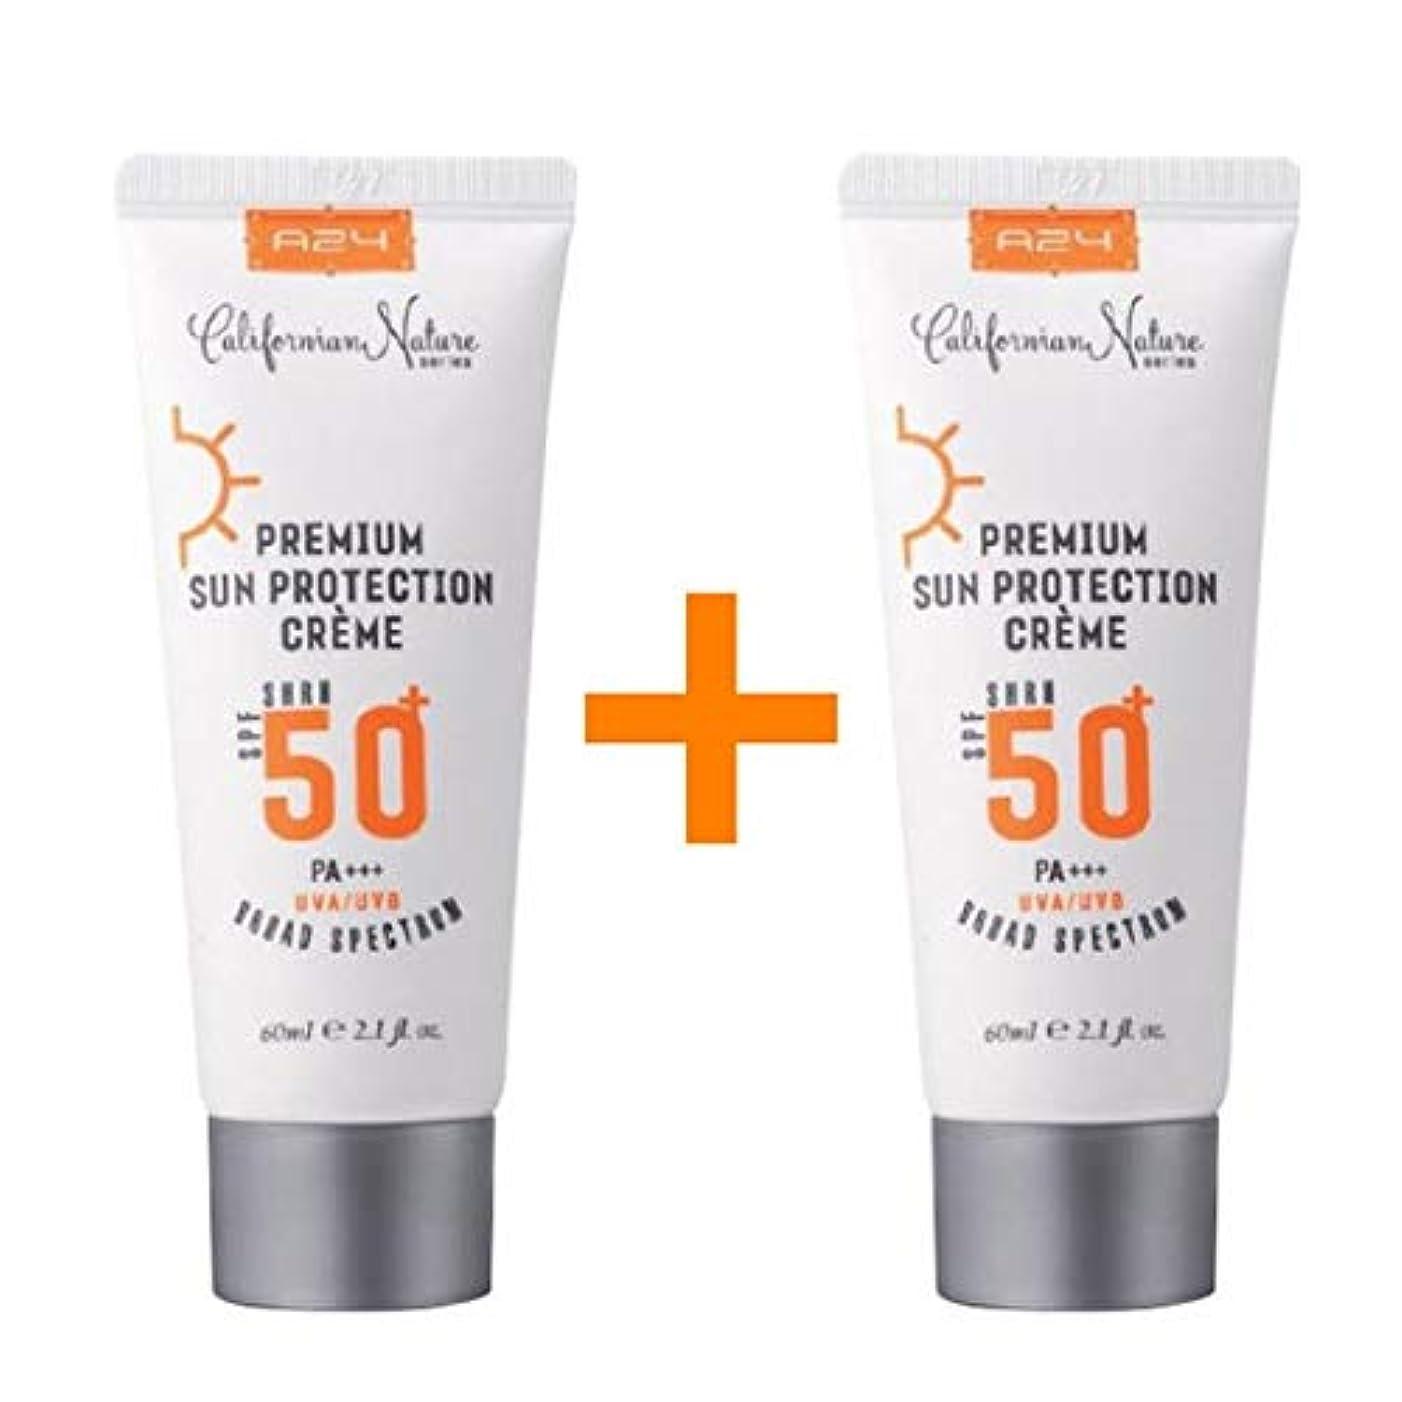 初期のポータル姿を消す[1 + 1 ] A24 プレミアム サン プロテクション クリーム 60ml (SPF50+/PA+++) / Premium Sun Protection Cream/米国コスメ 米国日焼け止め